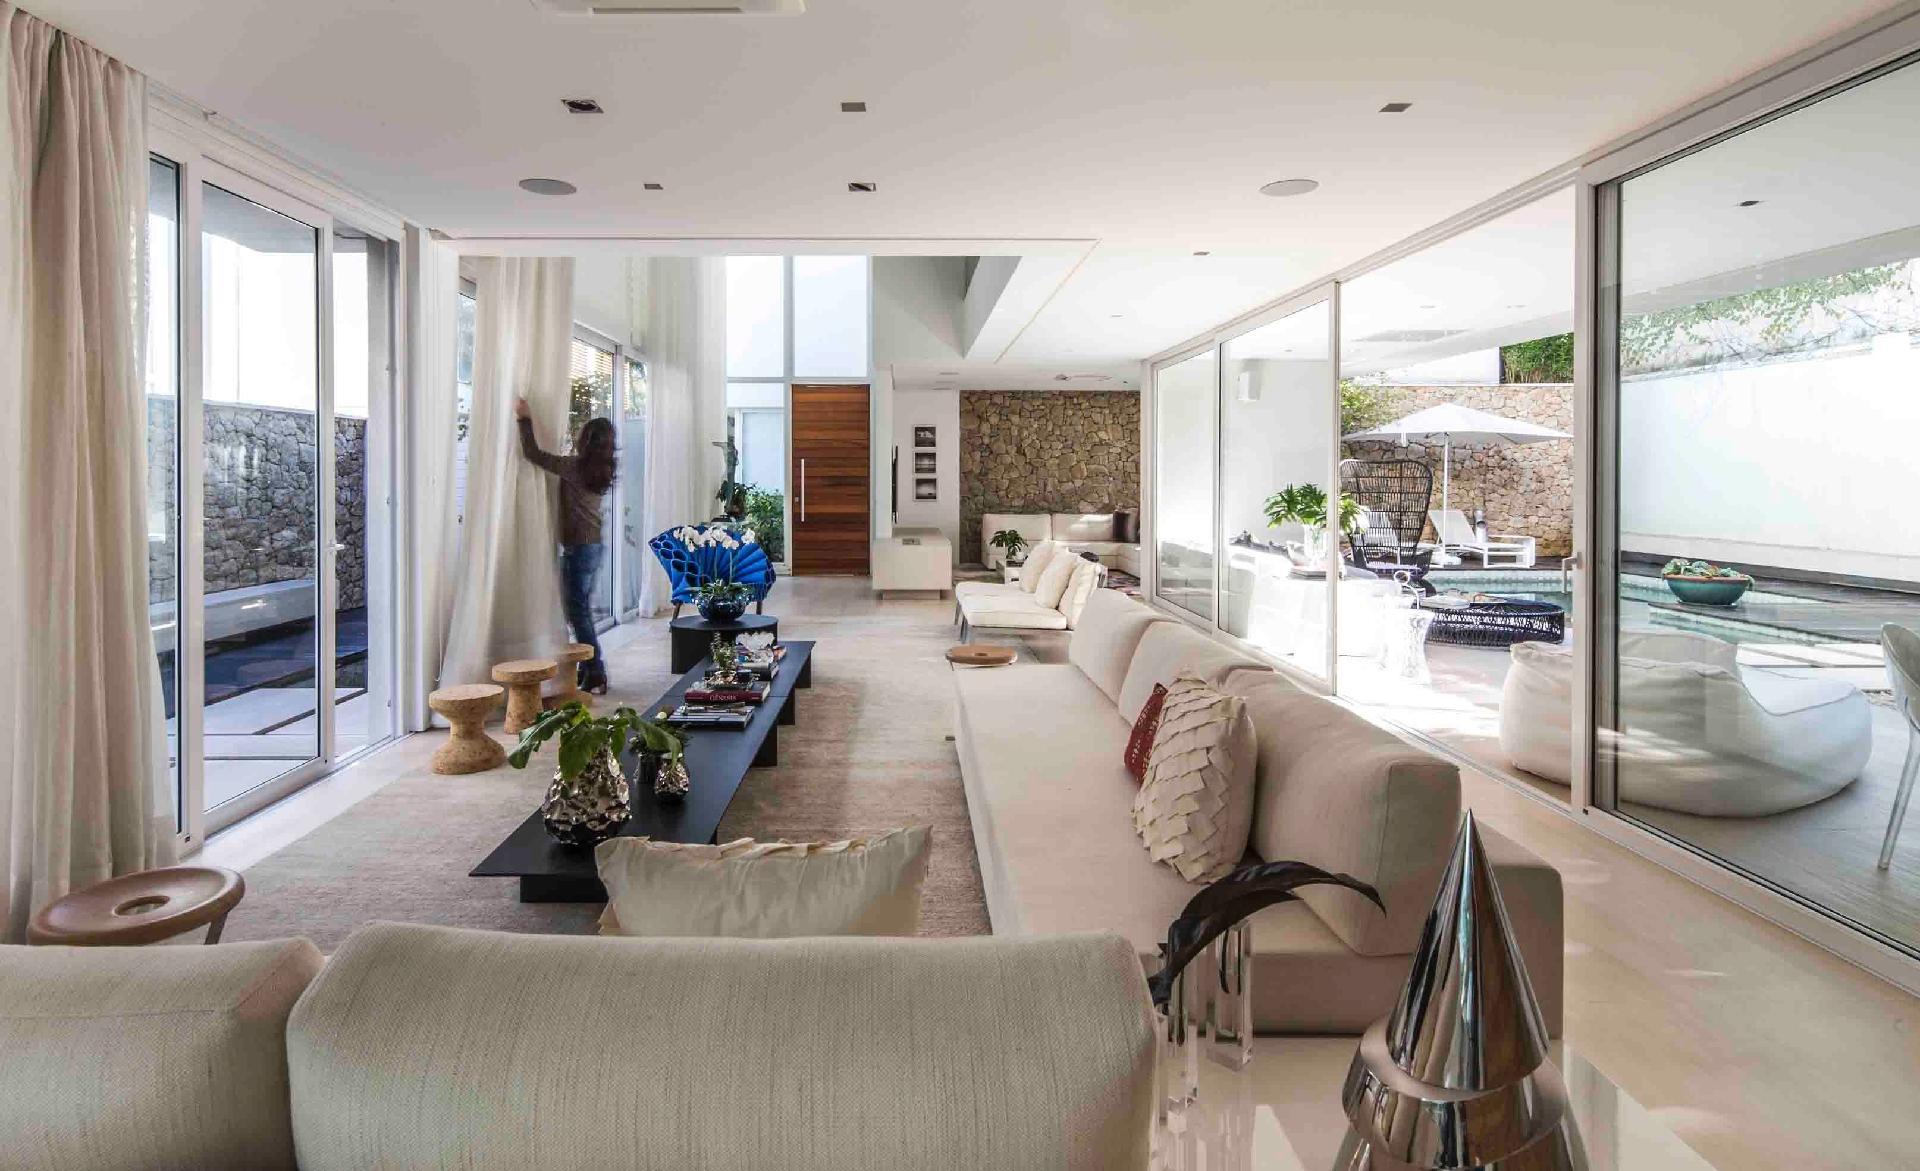 A luz natural inunda os interiores da casa graças às portas corrediças envidraçadas nas laterais da sala de estar, que também promovem a ventilação cruzada. De um lado do living está a piscina com spa, do outro, os jardins. O condomínio Bauhaus é um projeto da arquiteta Monica Drucker